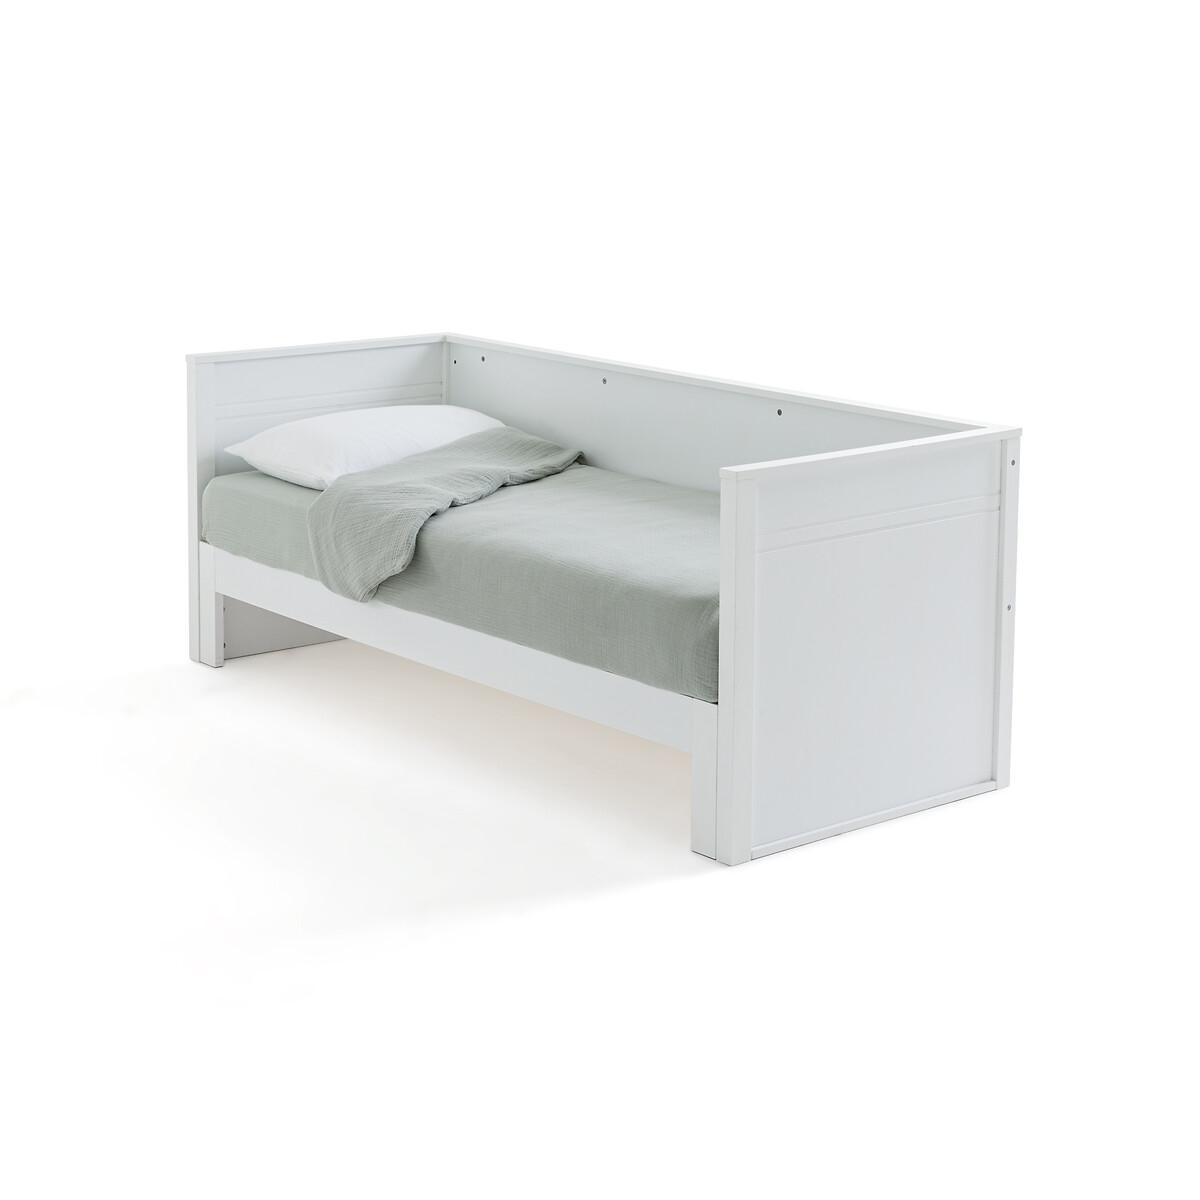 Диван-кровать LaRedoute С двойным спальным местом Leeds 160 x 200 см белый